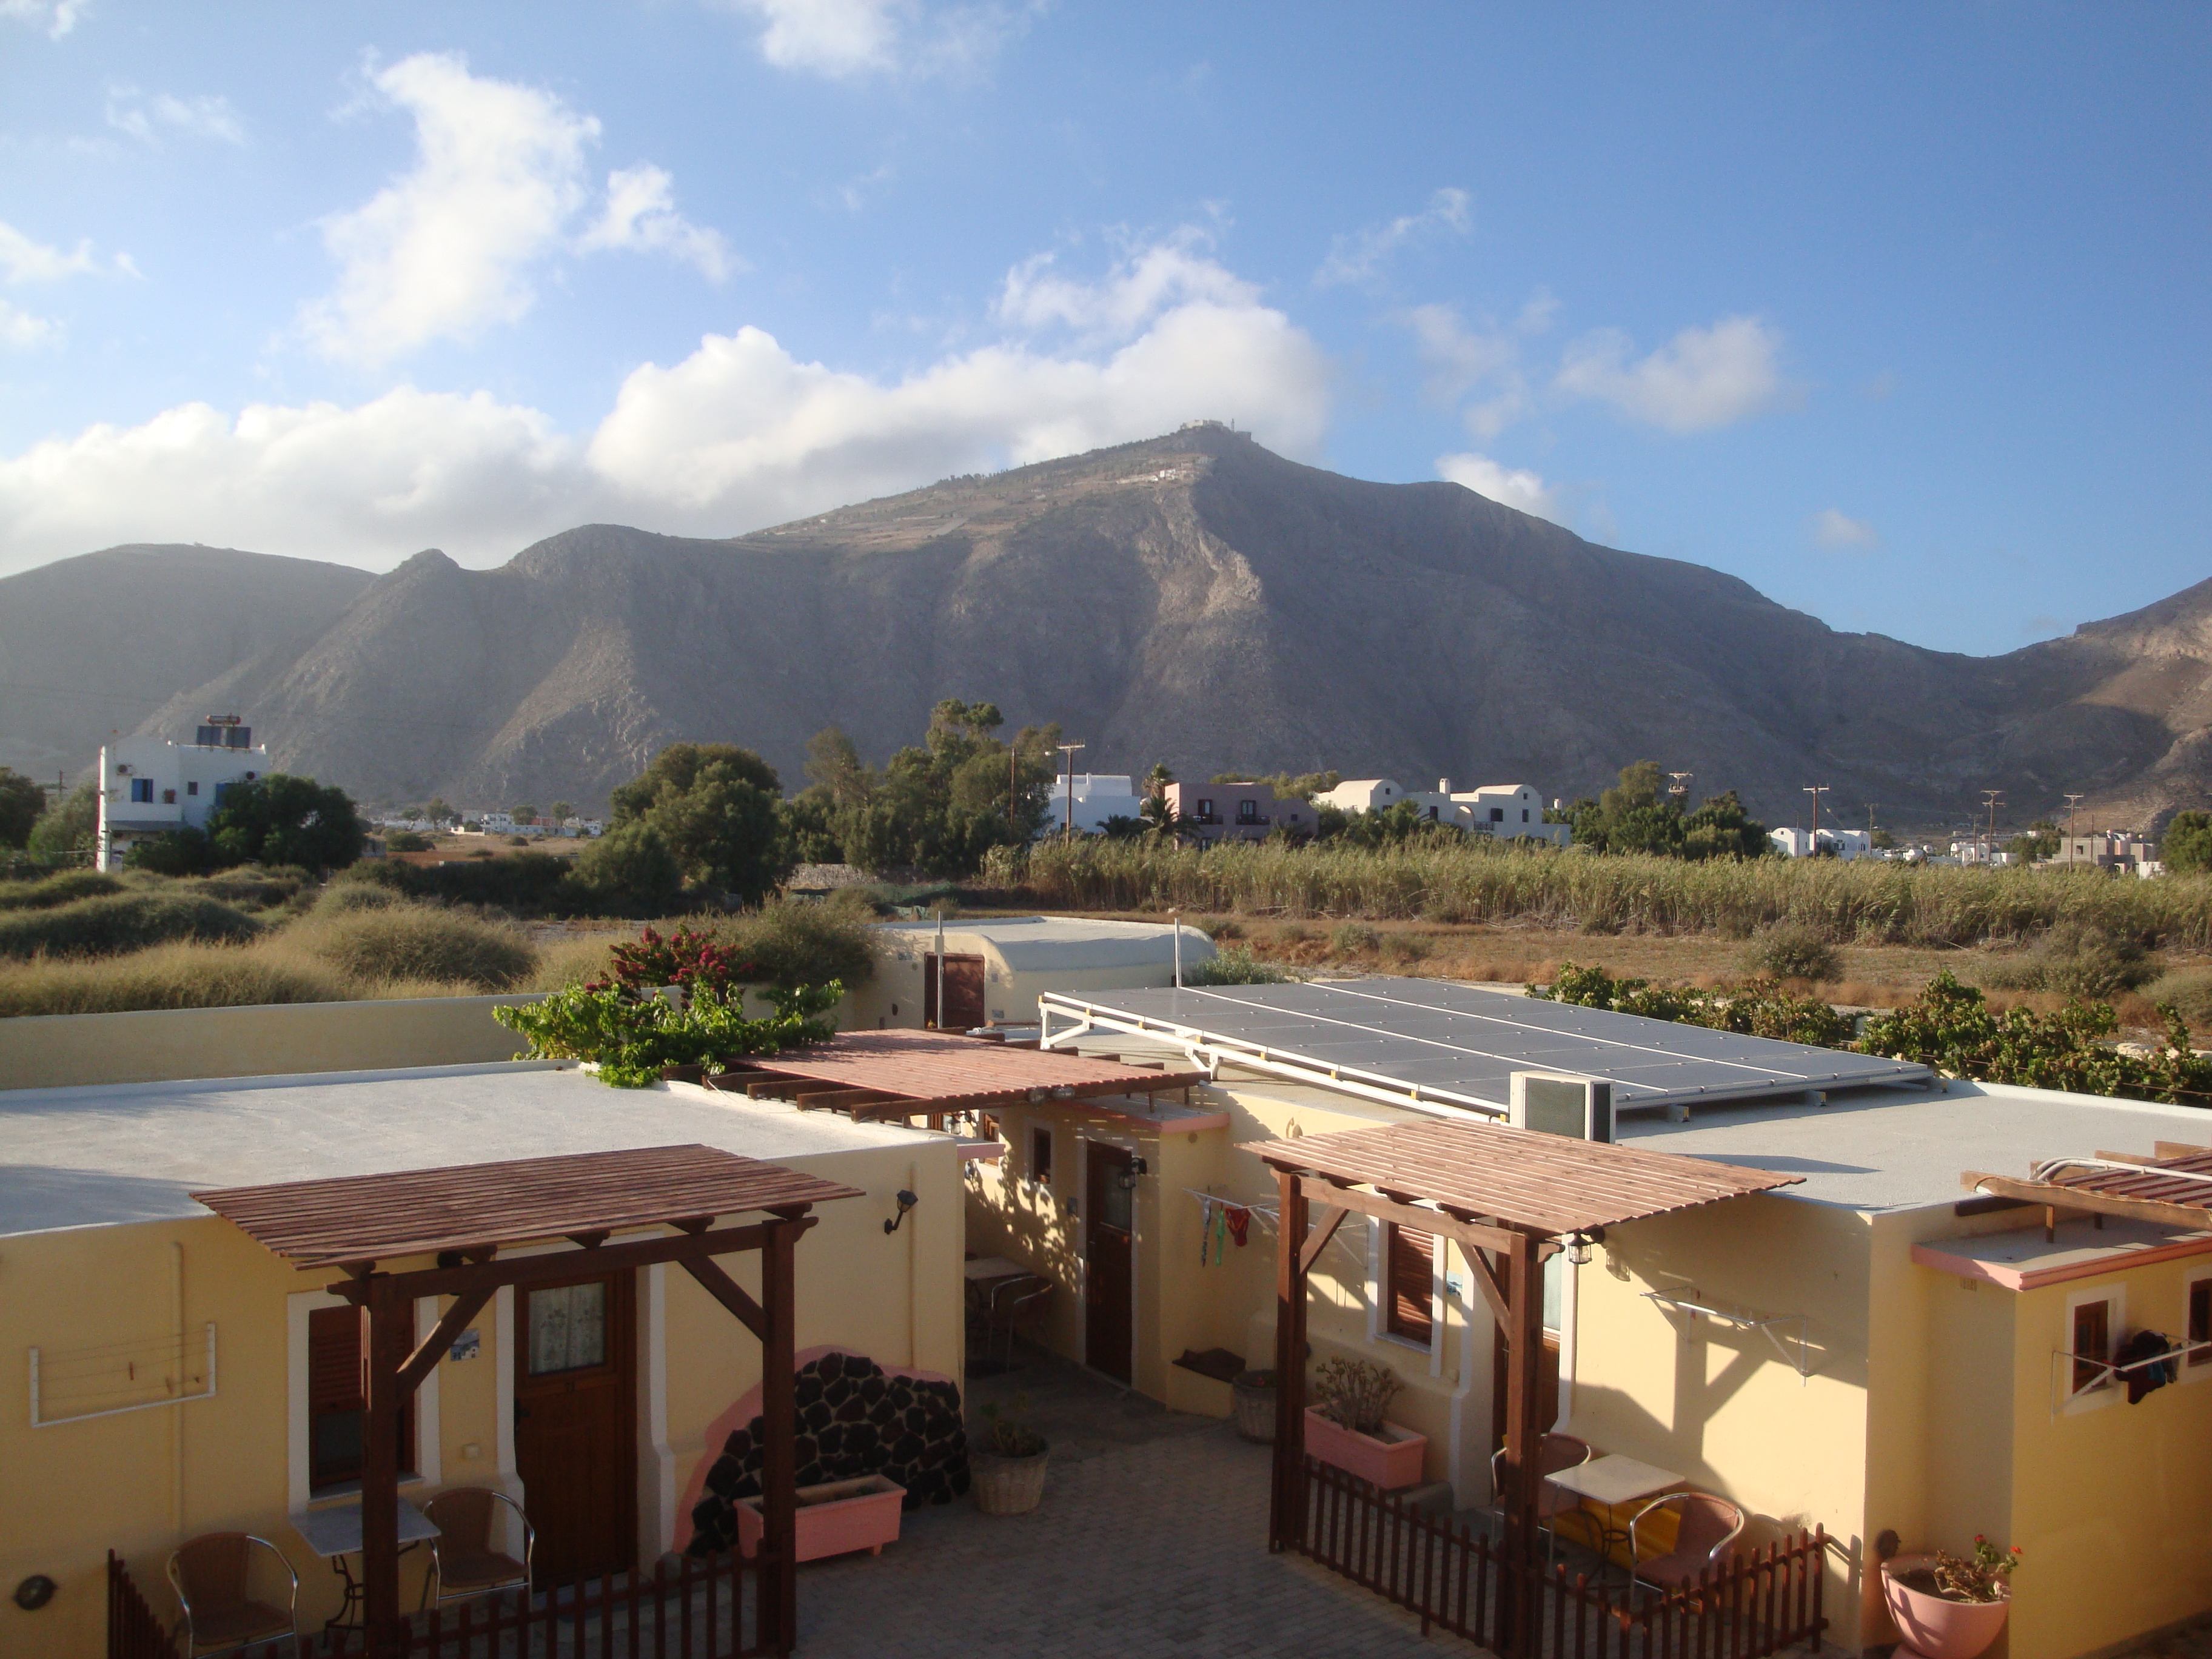 04. Монастырь в облаках - Вид на горы из отеля Смарагди, Перисса